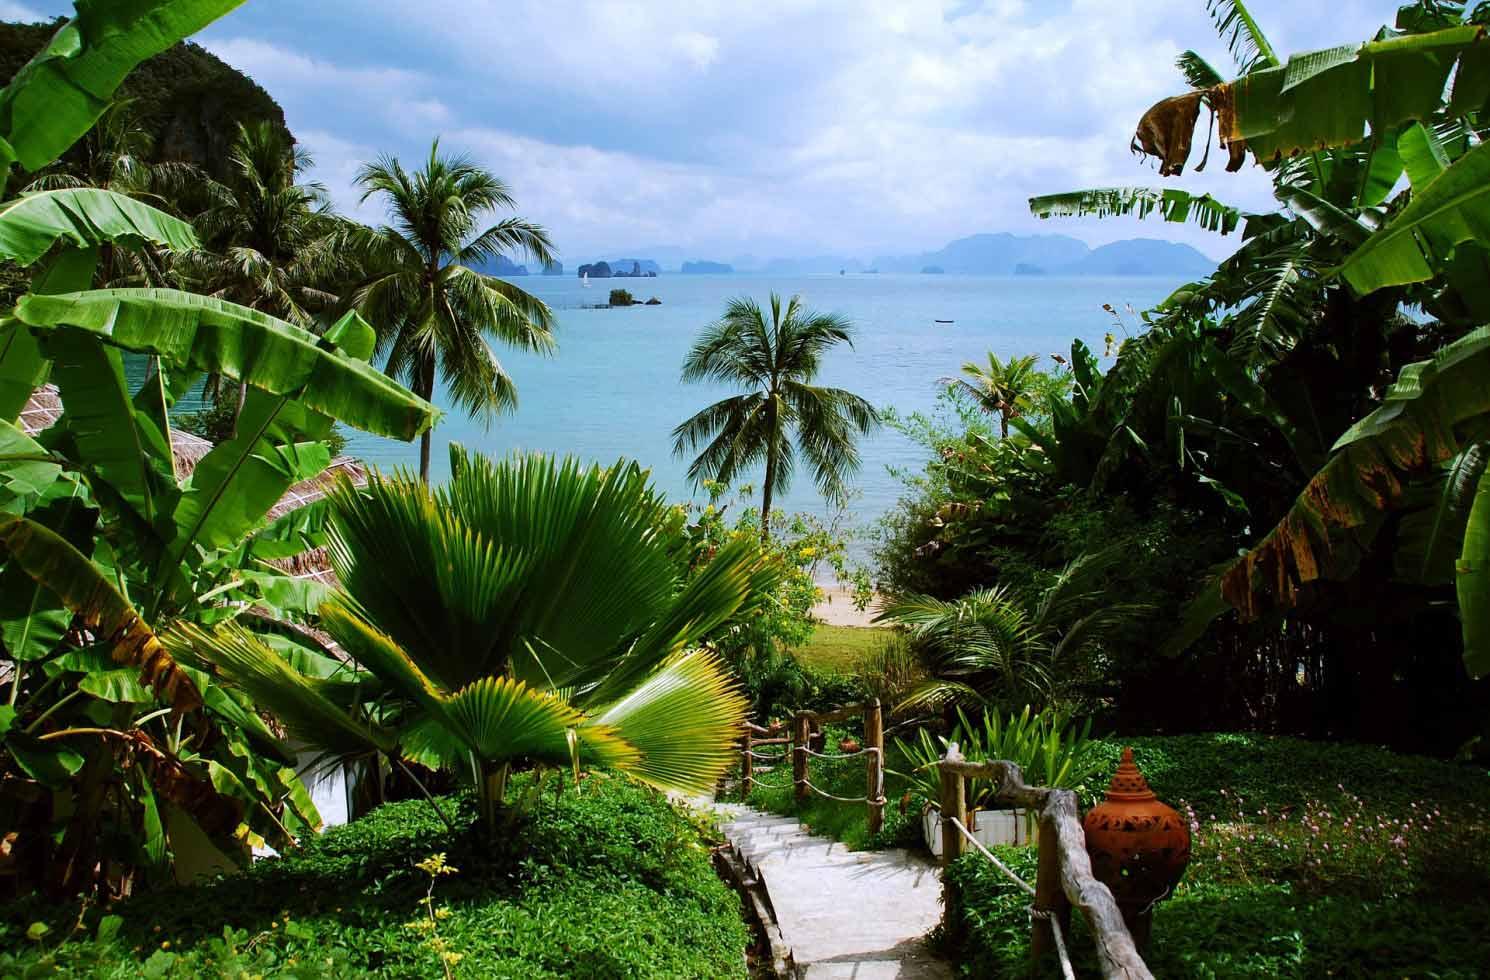 Blick aufs Meer in Thailand